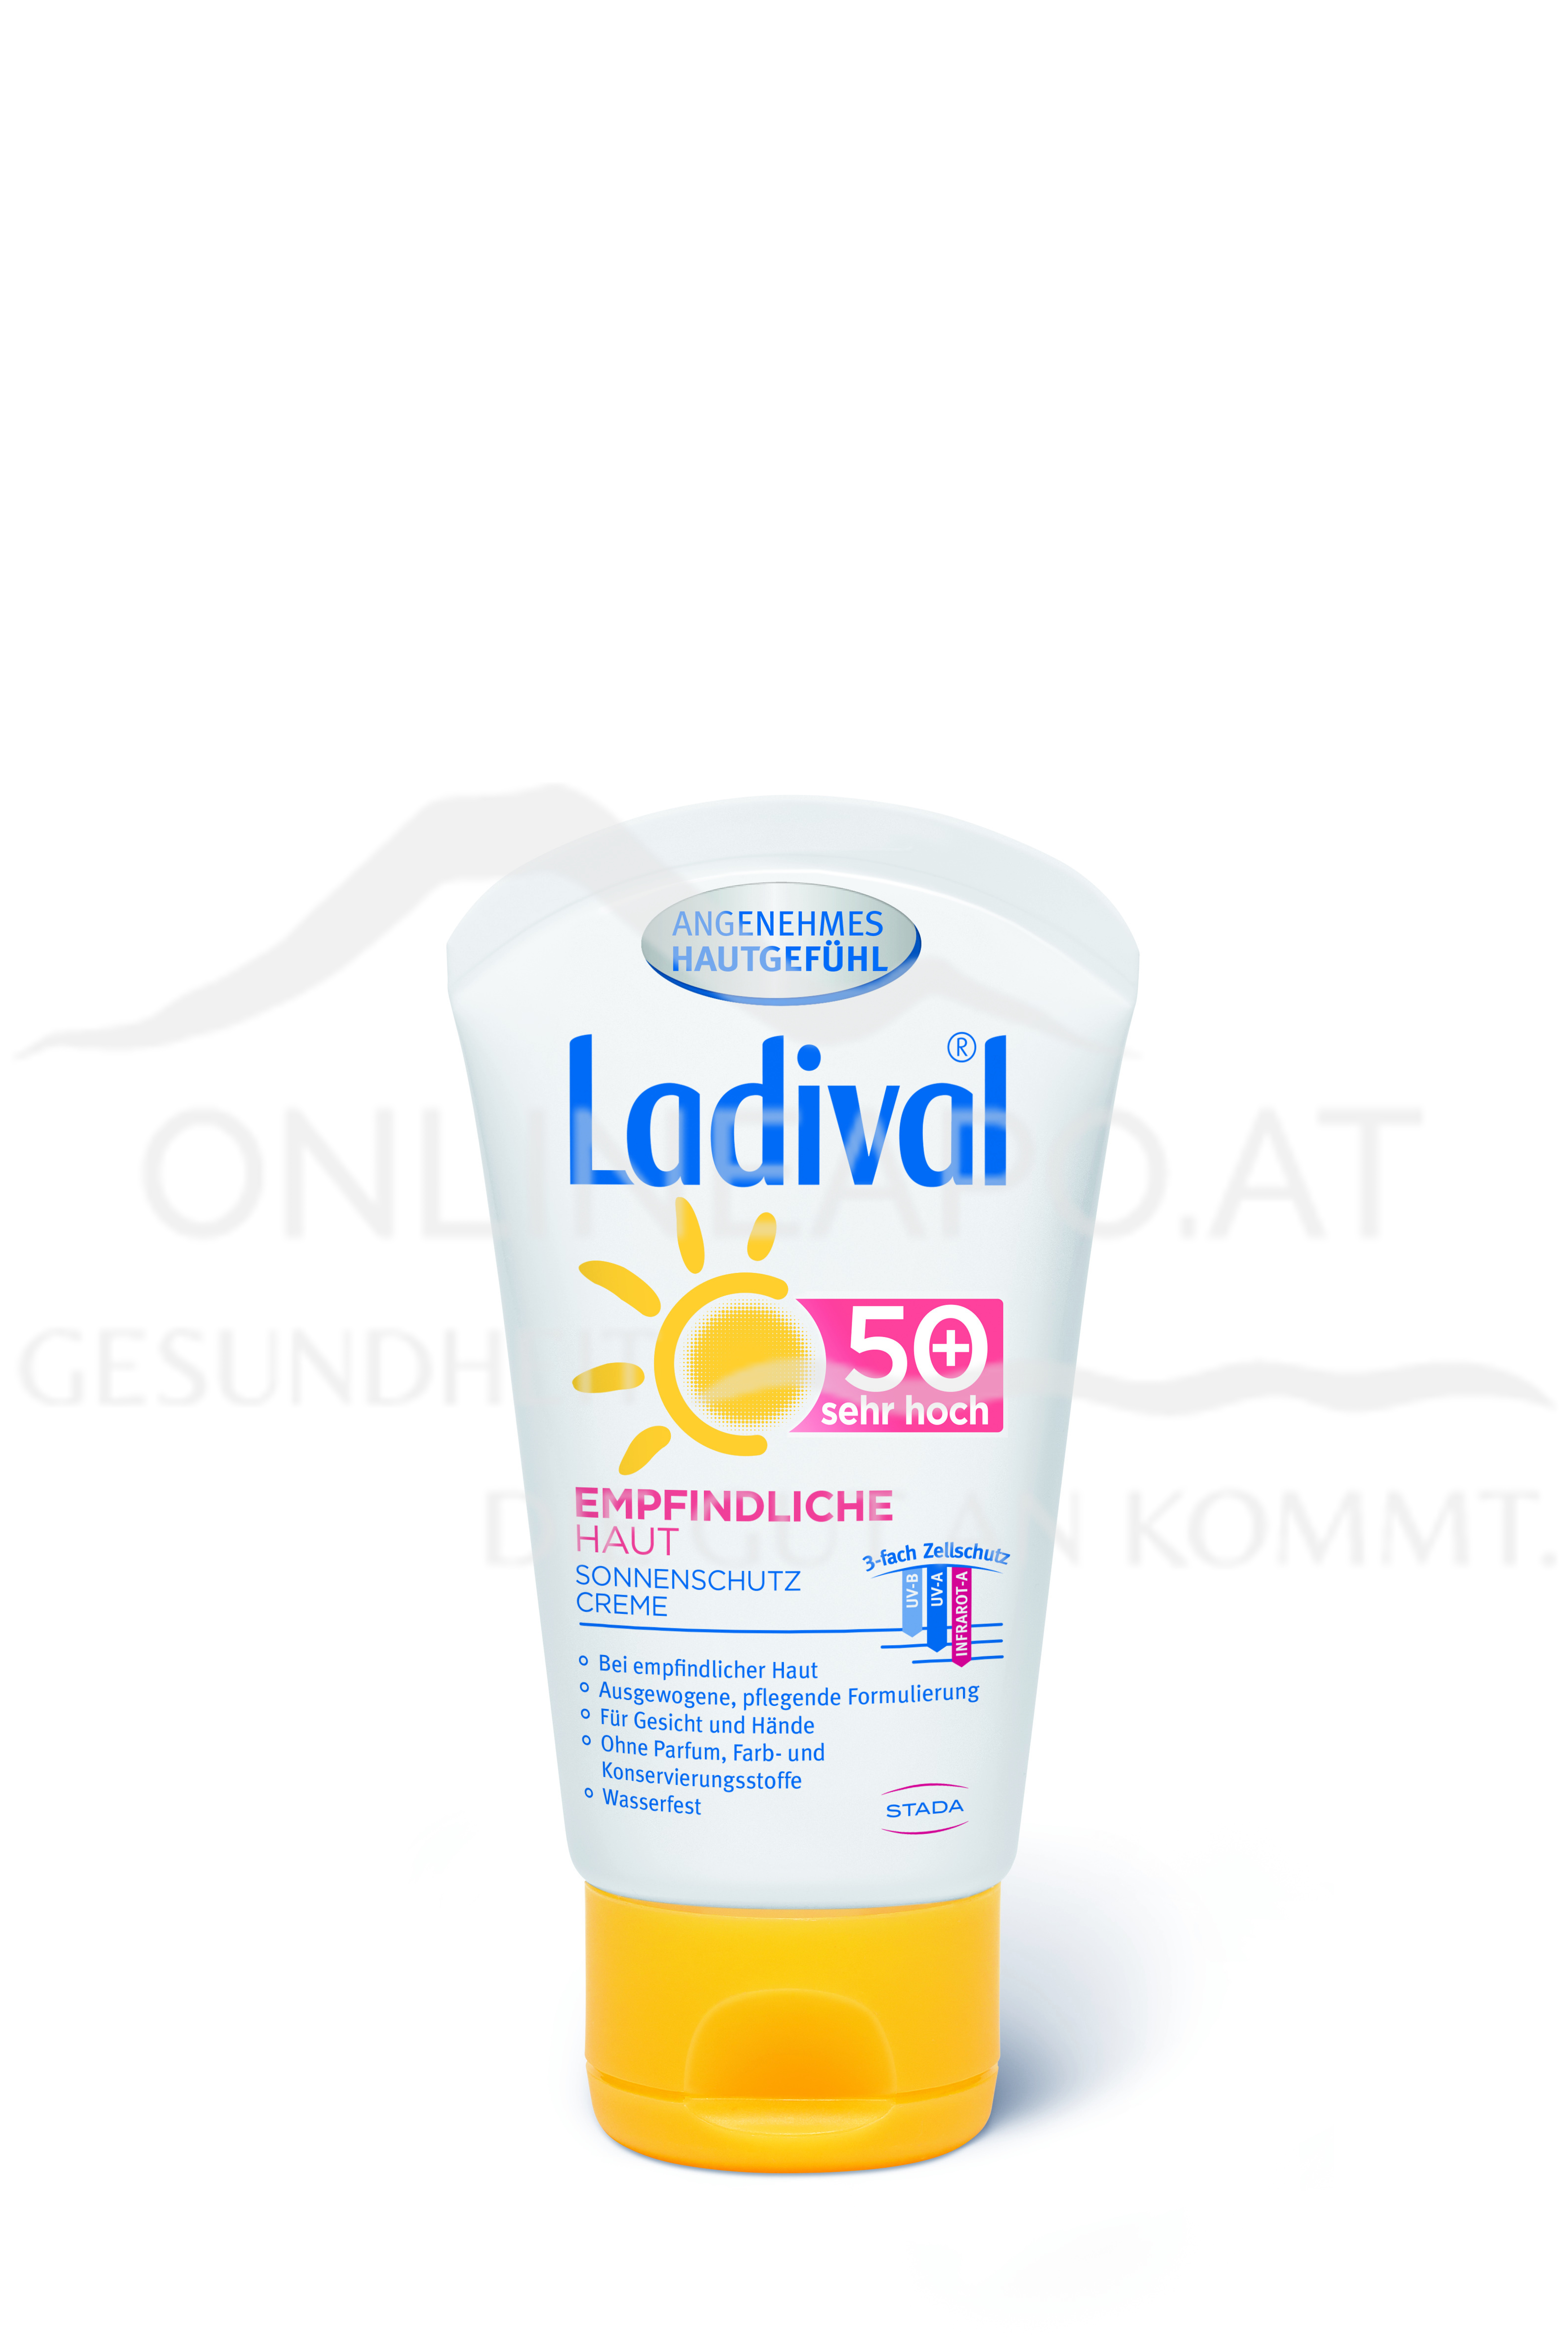 Ladival® Empfindliche Haut Sonnenschutz Creme Gesicht LSF 50 +